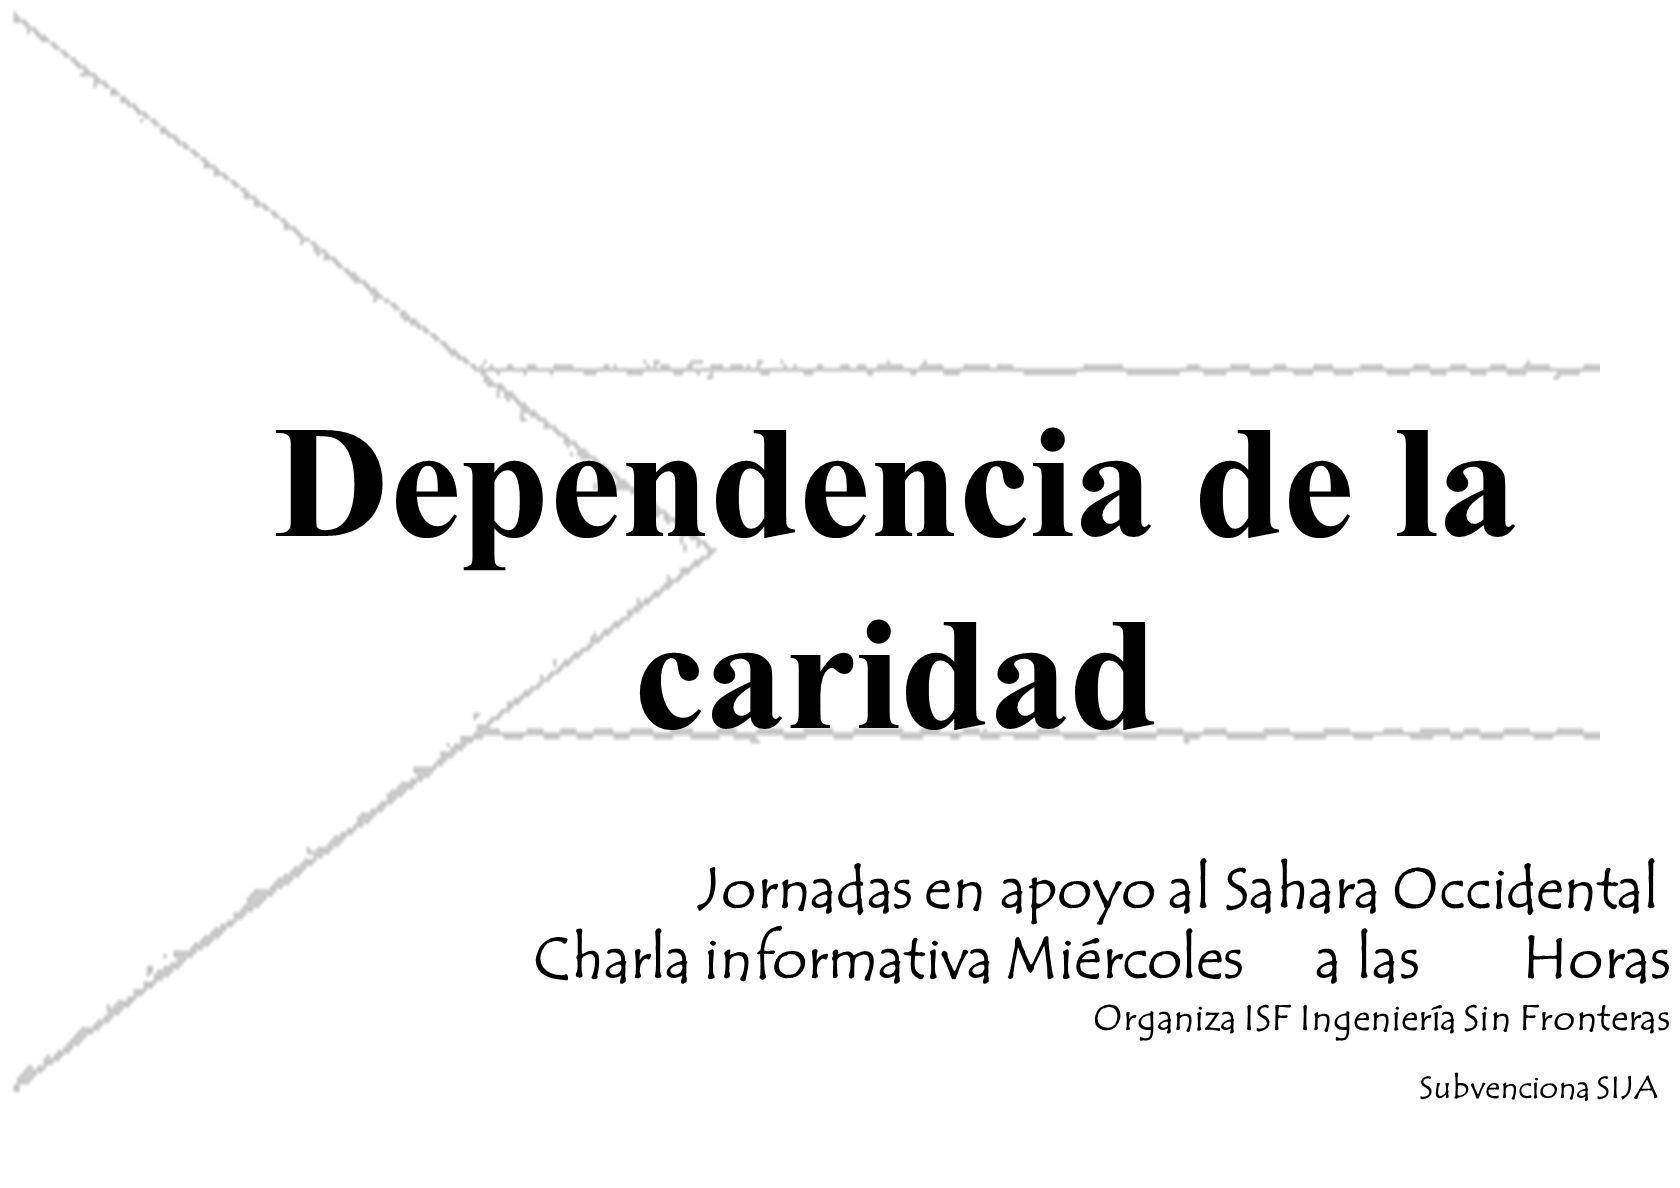 Dependencia de la caridad Jornadas en apoyo al Sahara Occidental Charla informativa Miércoles a las Horas Organiza ISF Ingeniería Sin Fronteras Subvenciona SIJA